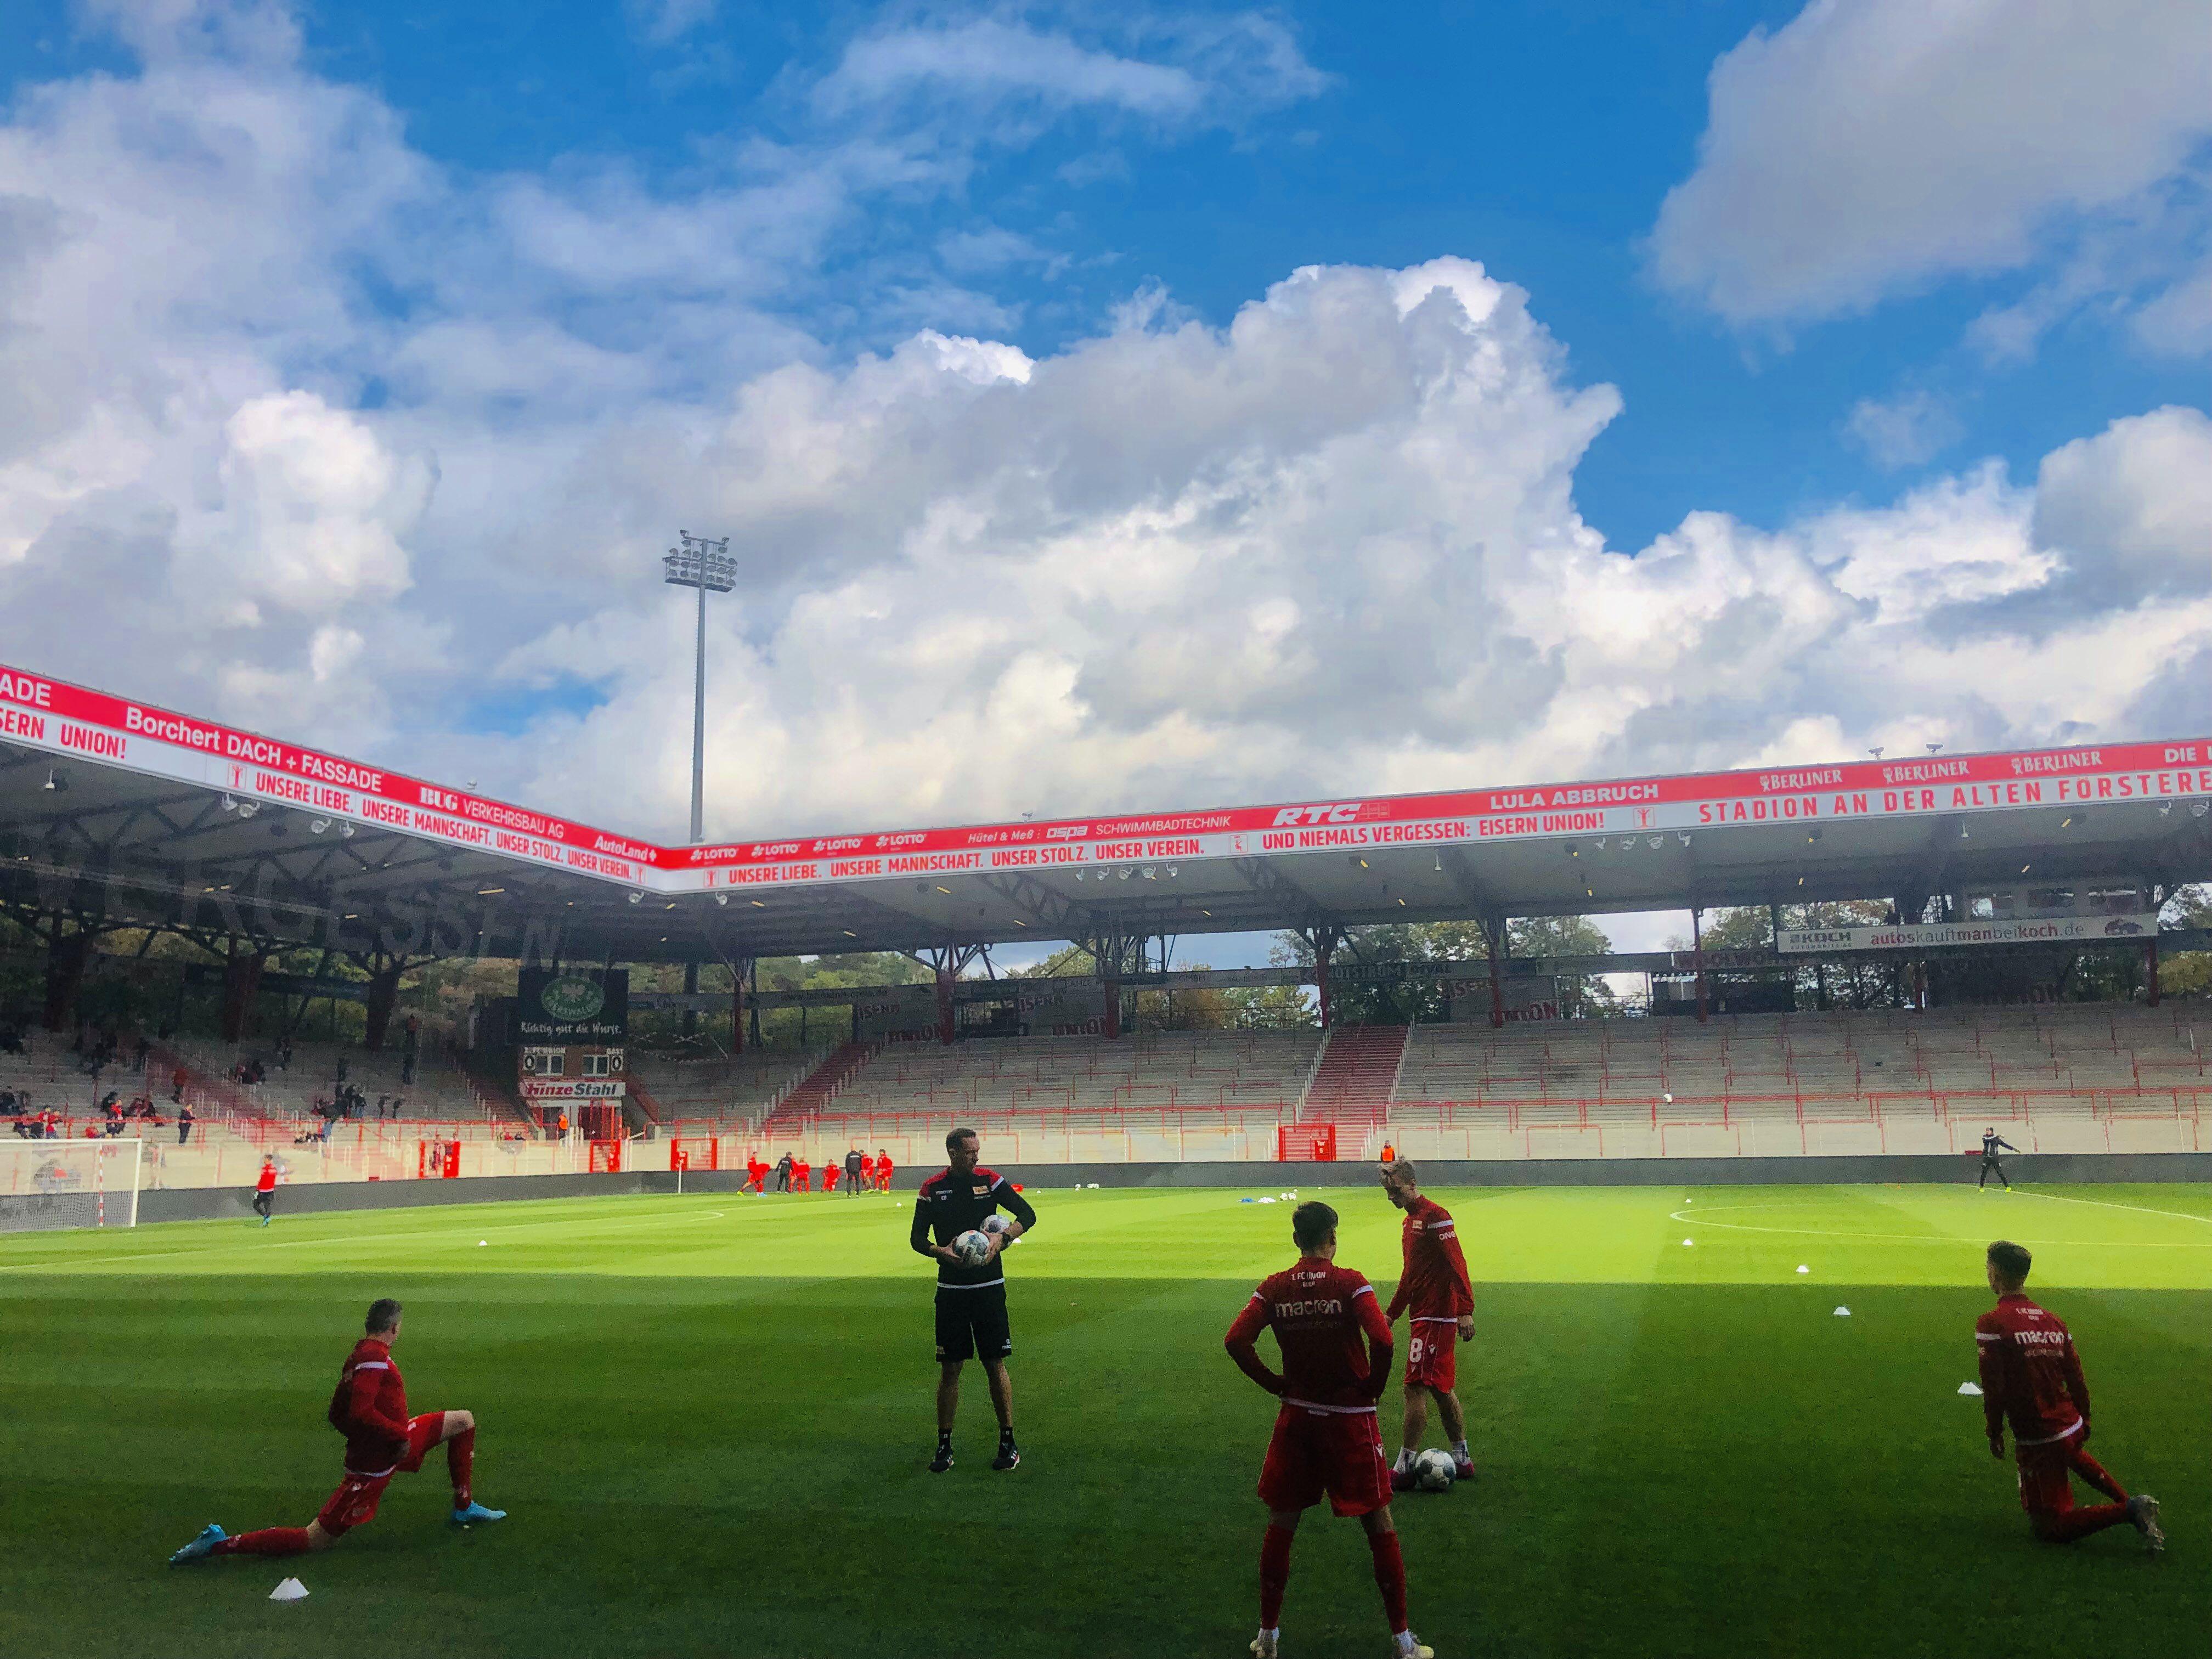 德累斯顿迪纳摩 联赛间歇期热身赛:柏林联0-0德累斯顿迪纳摩,现...